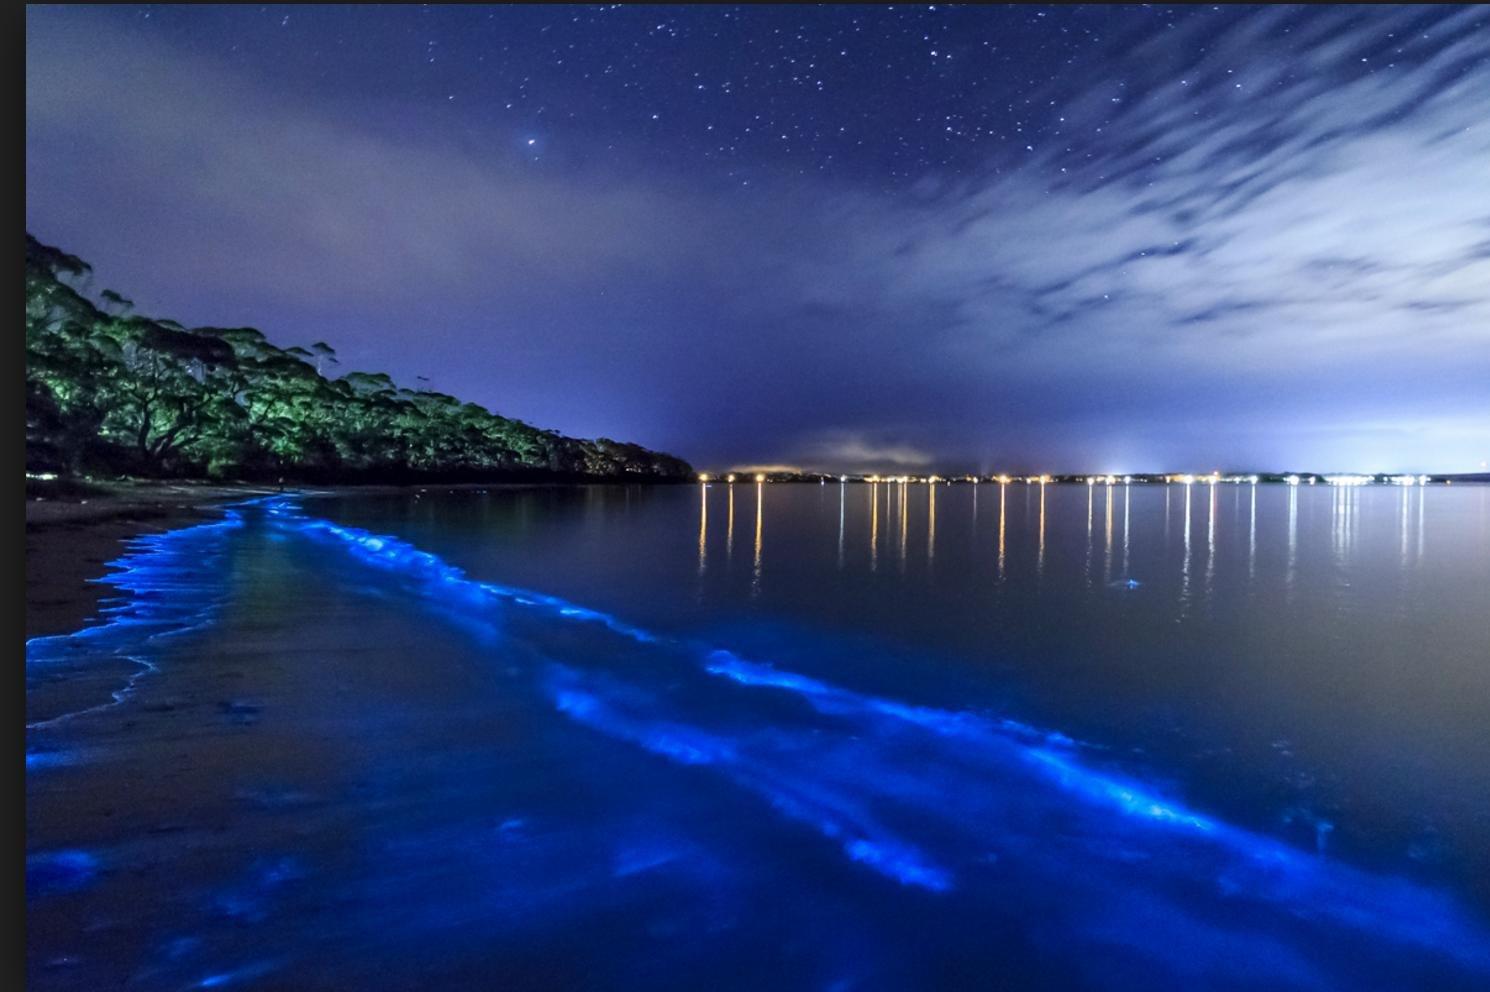 波多黎各 - 我愿在这里用尽一世的浪漫 - 加勒比海的热情岛屿六日游